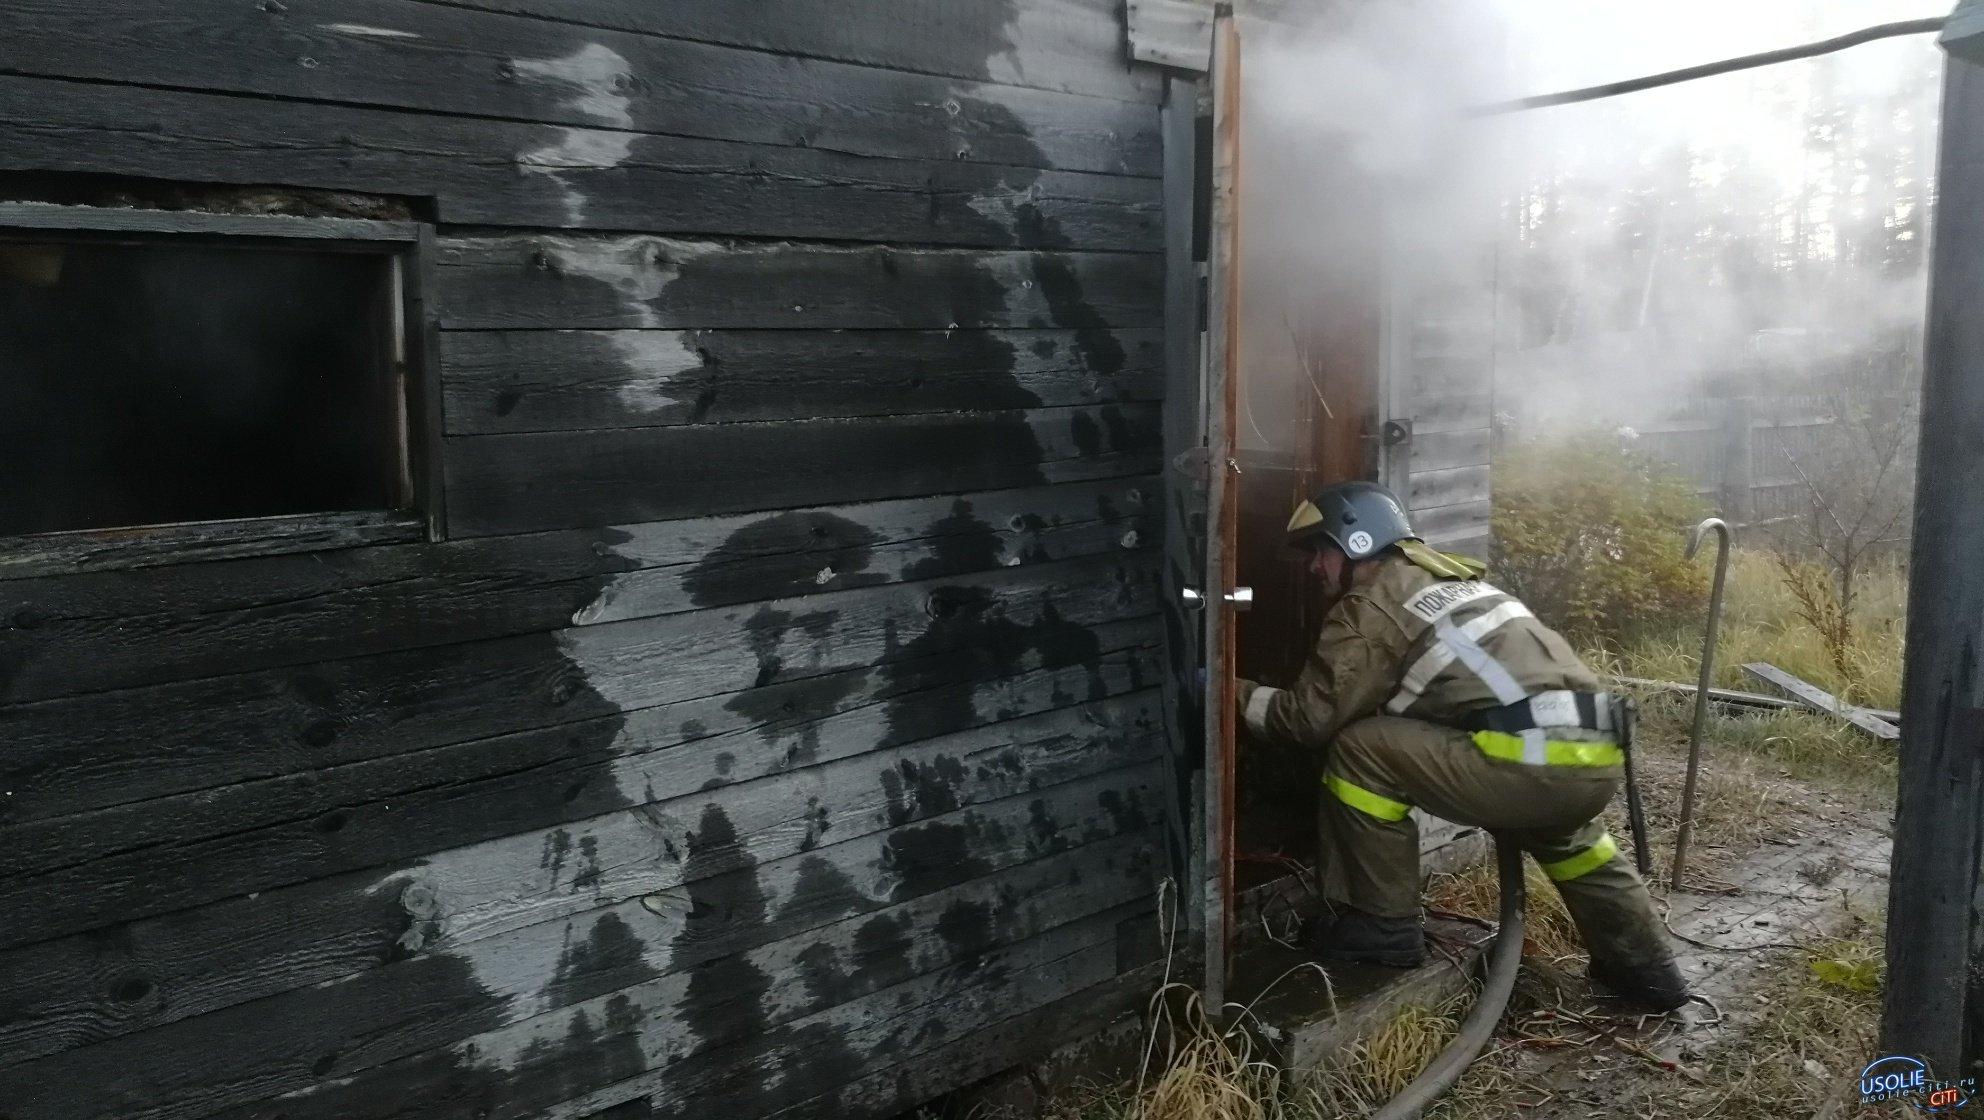 Бани сгорели в Усольском районе